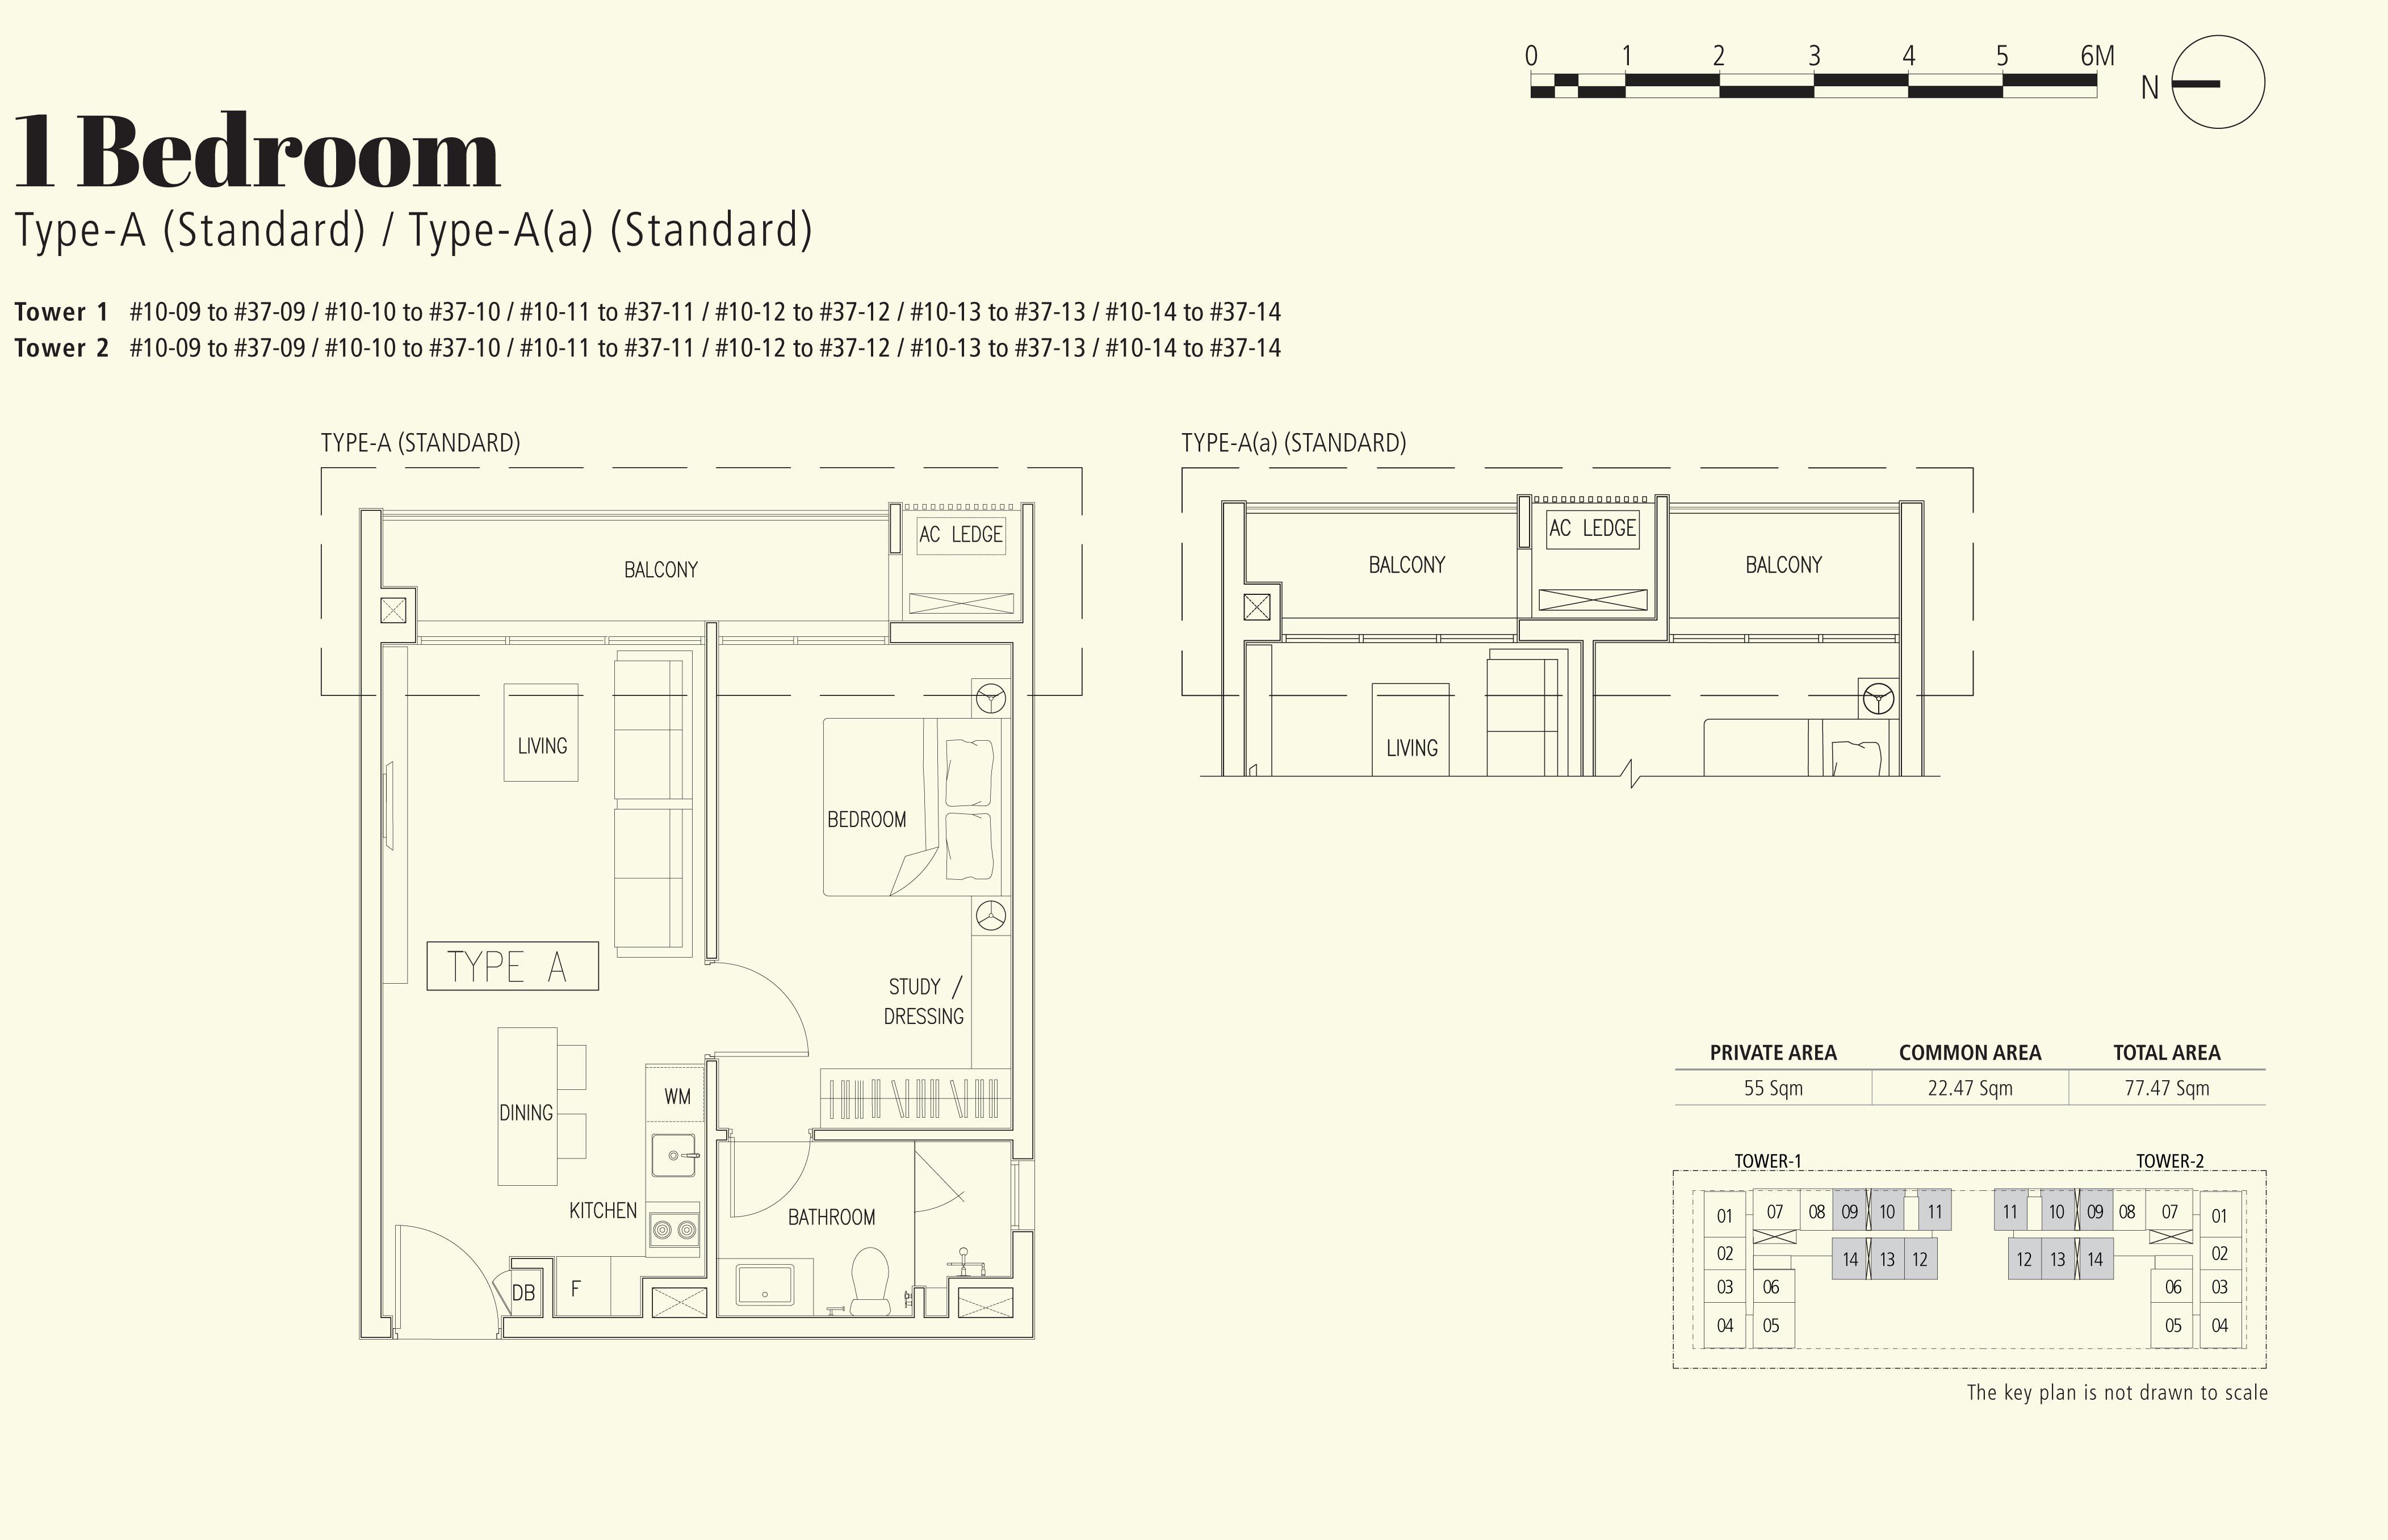 1 Bedroom - Type A